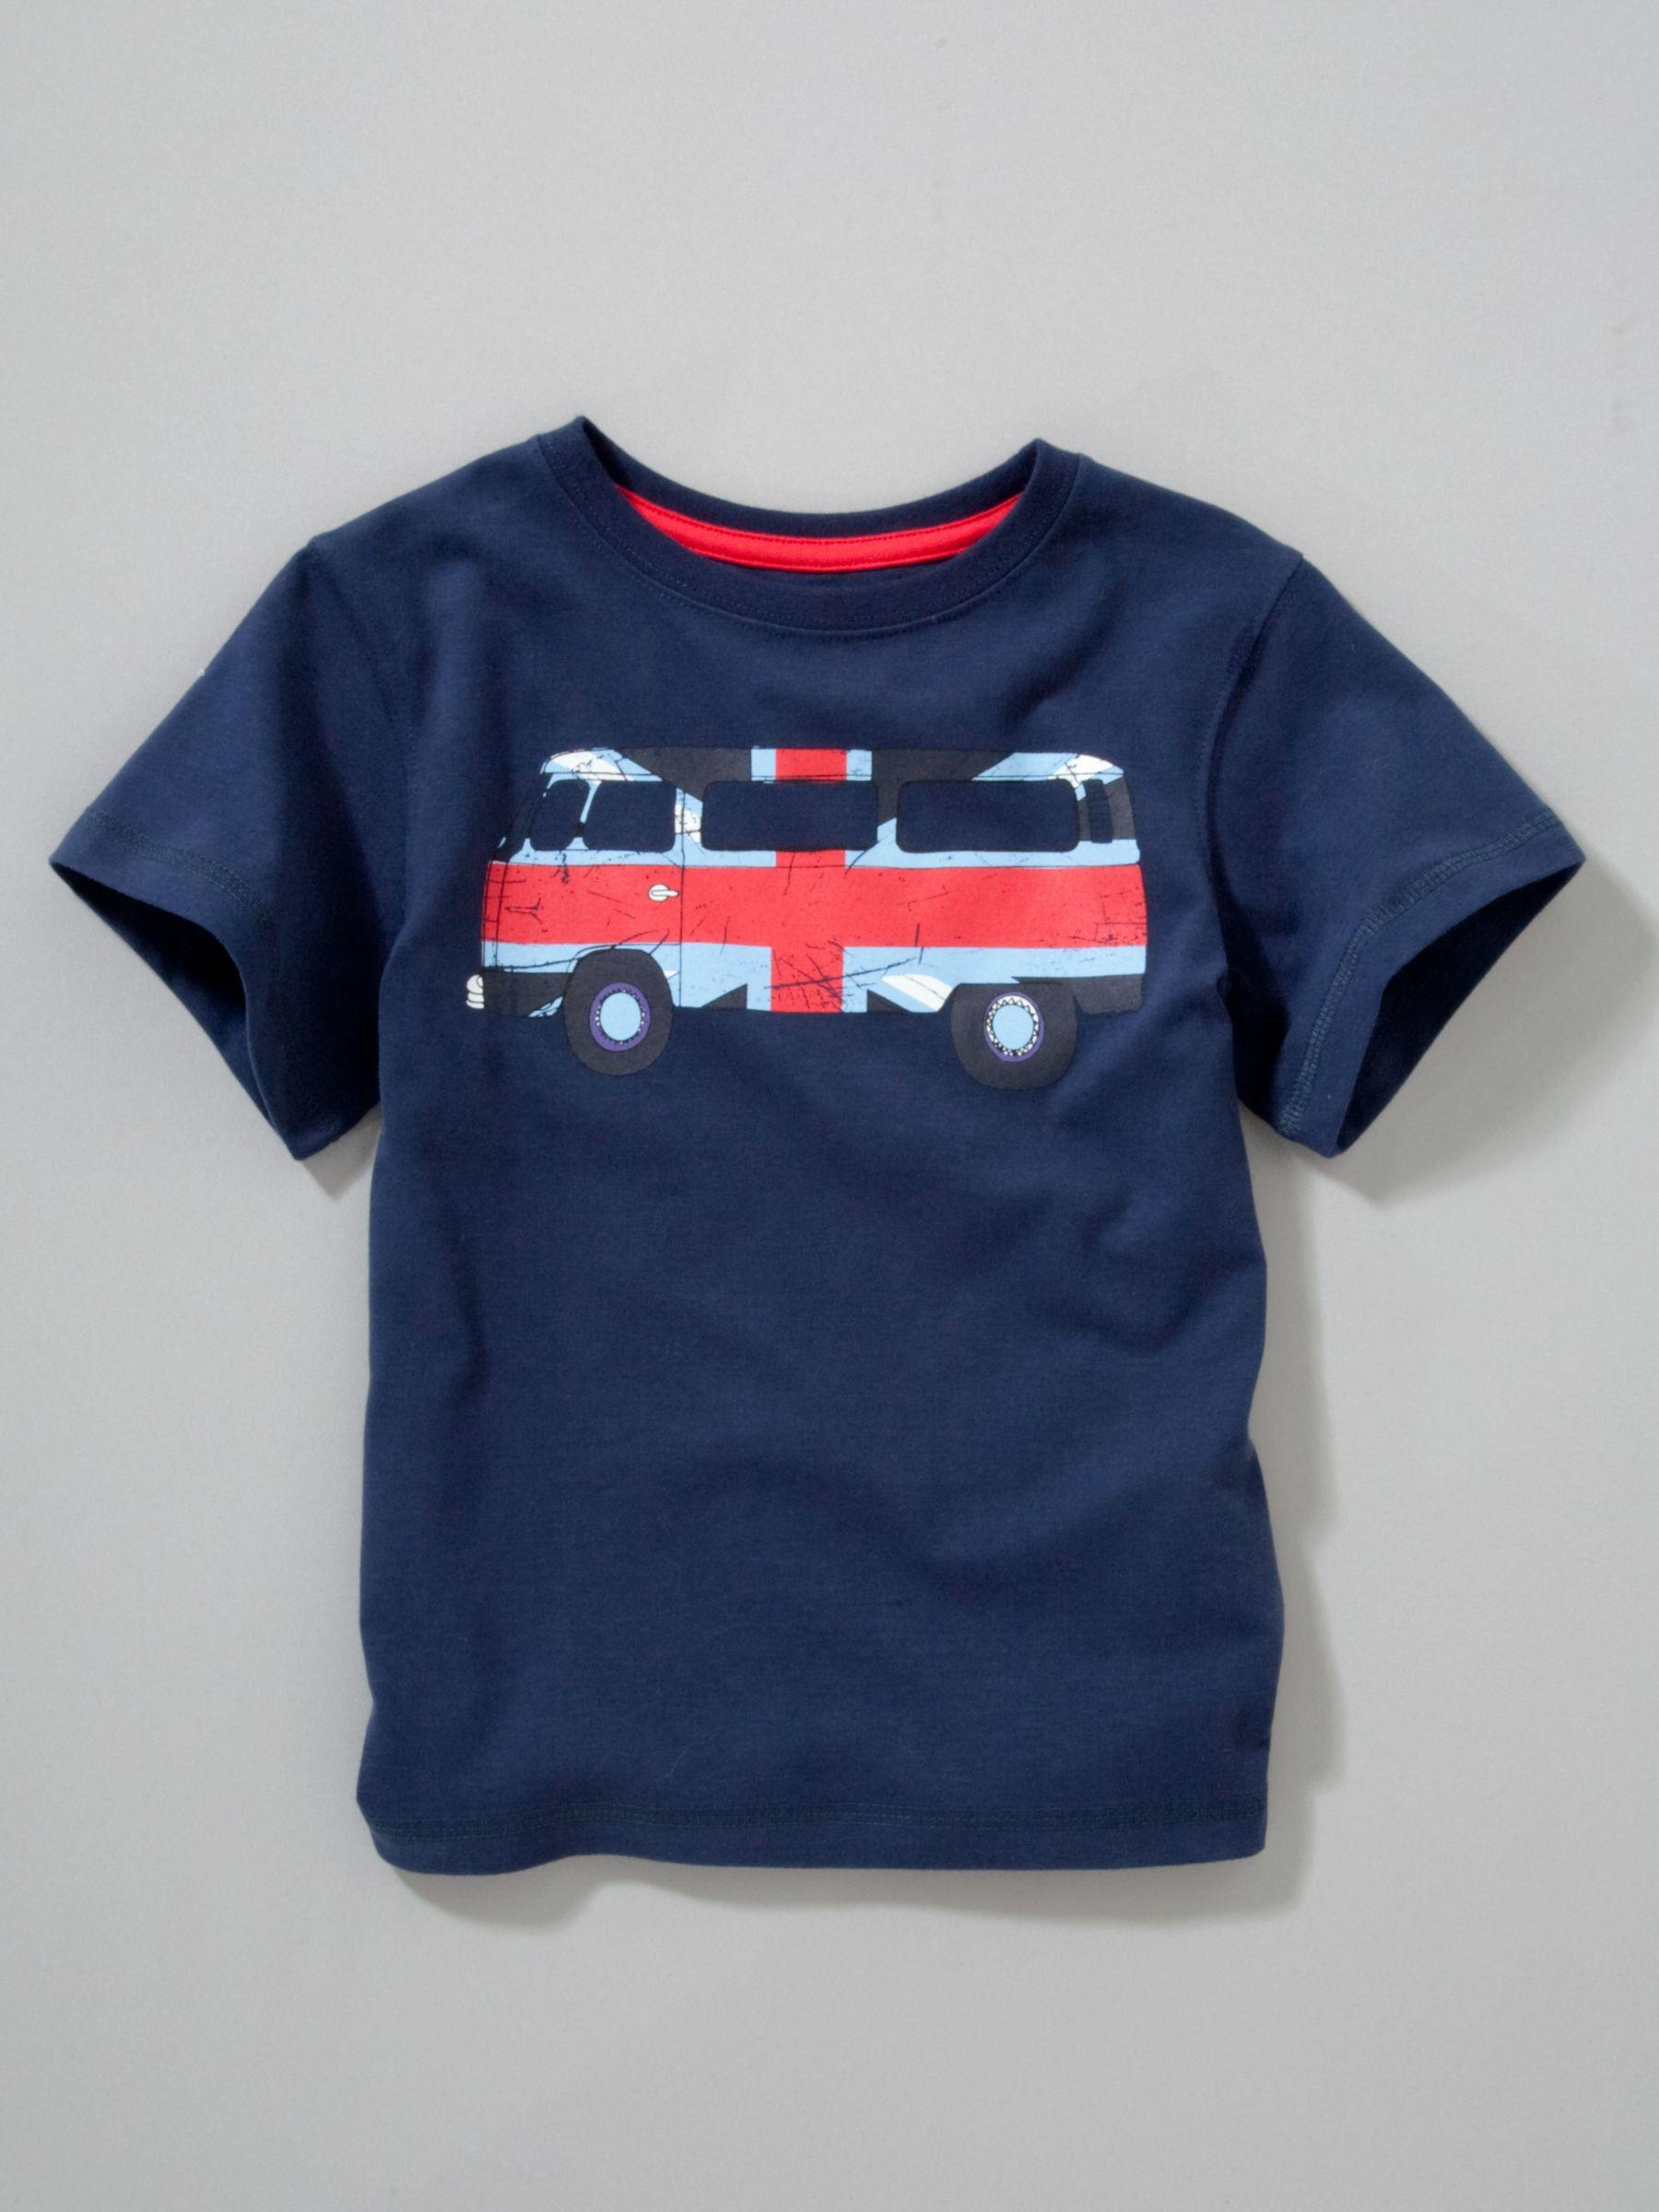 John Lewis Boy Union Jack Van T-Shirt